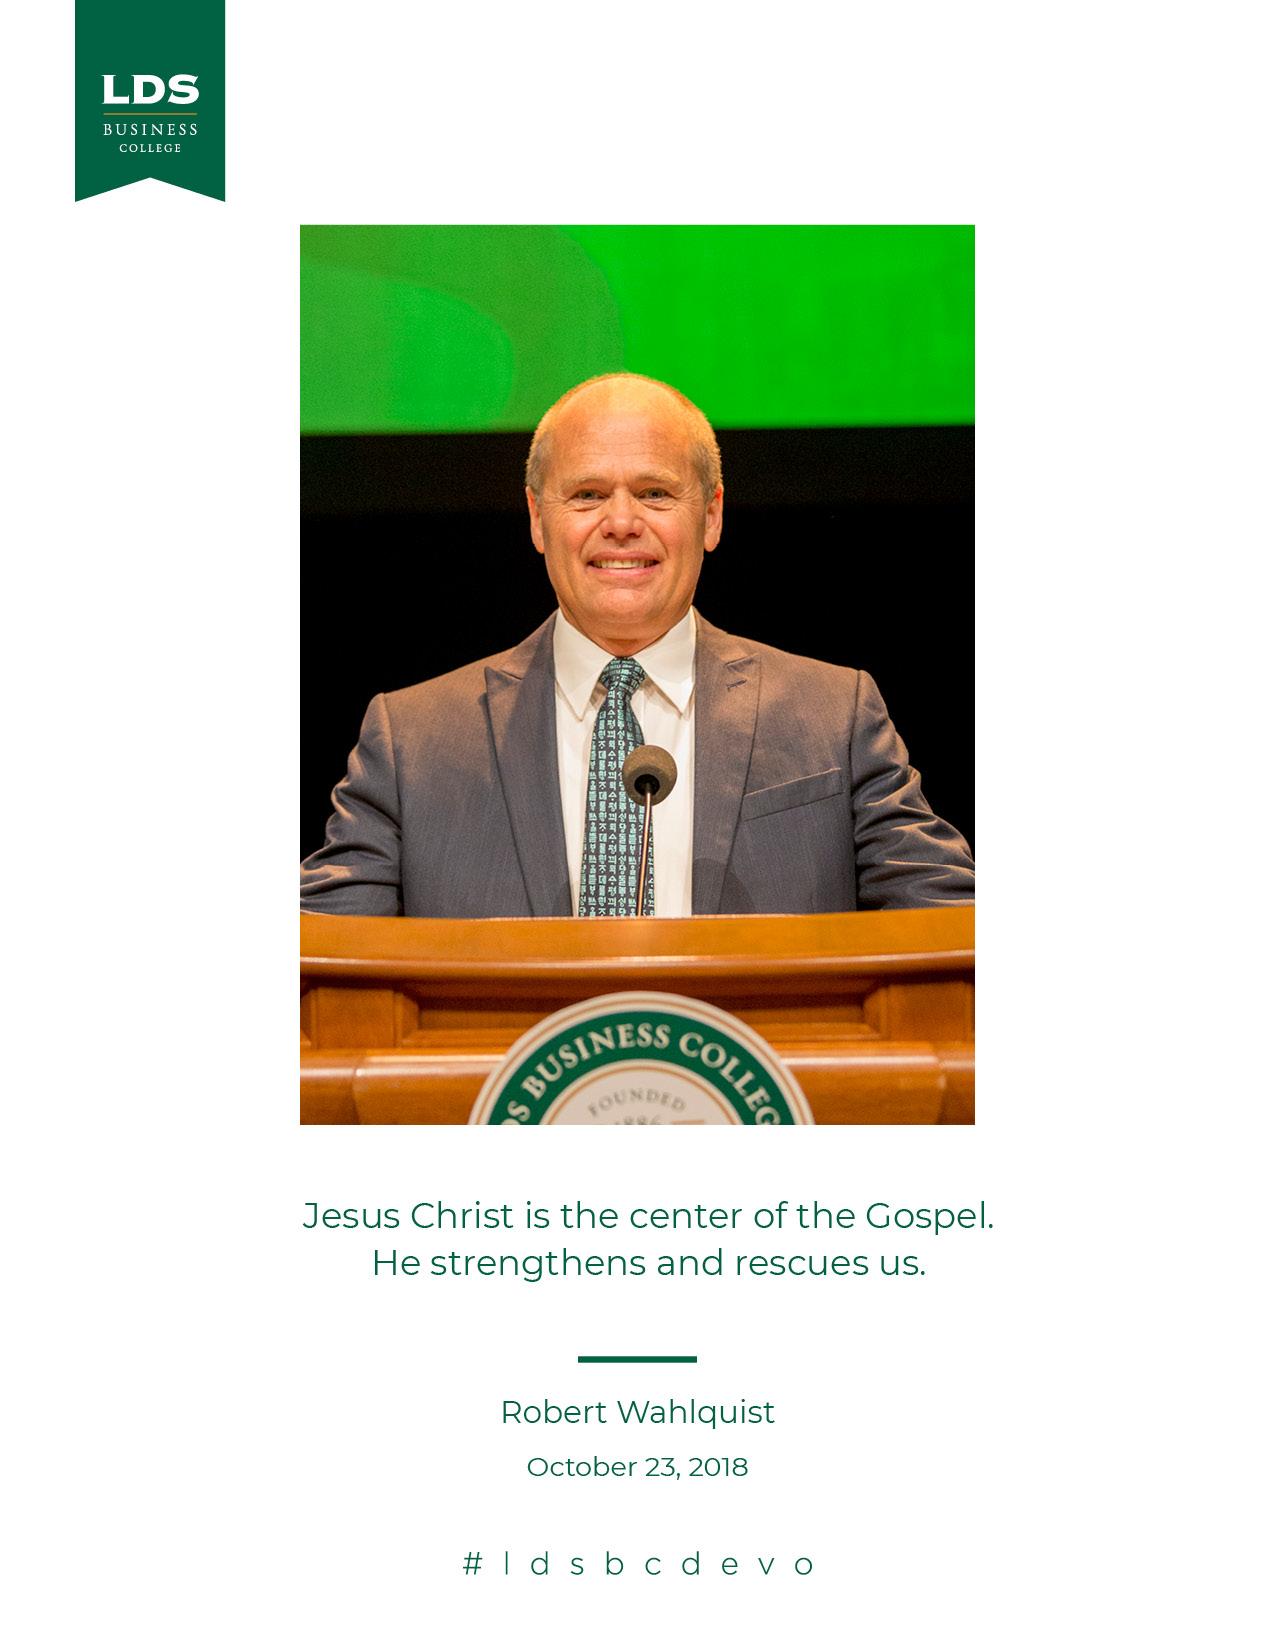 Robert Wahlquist devotional quote